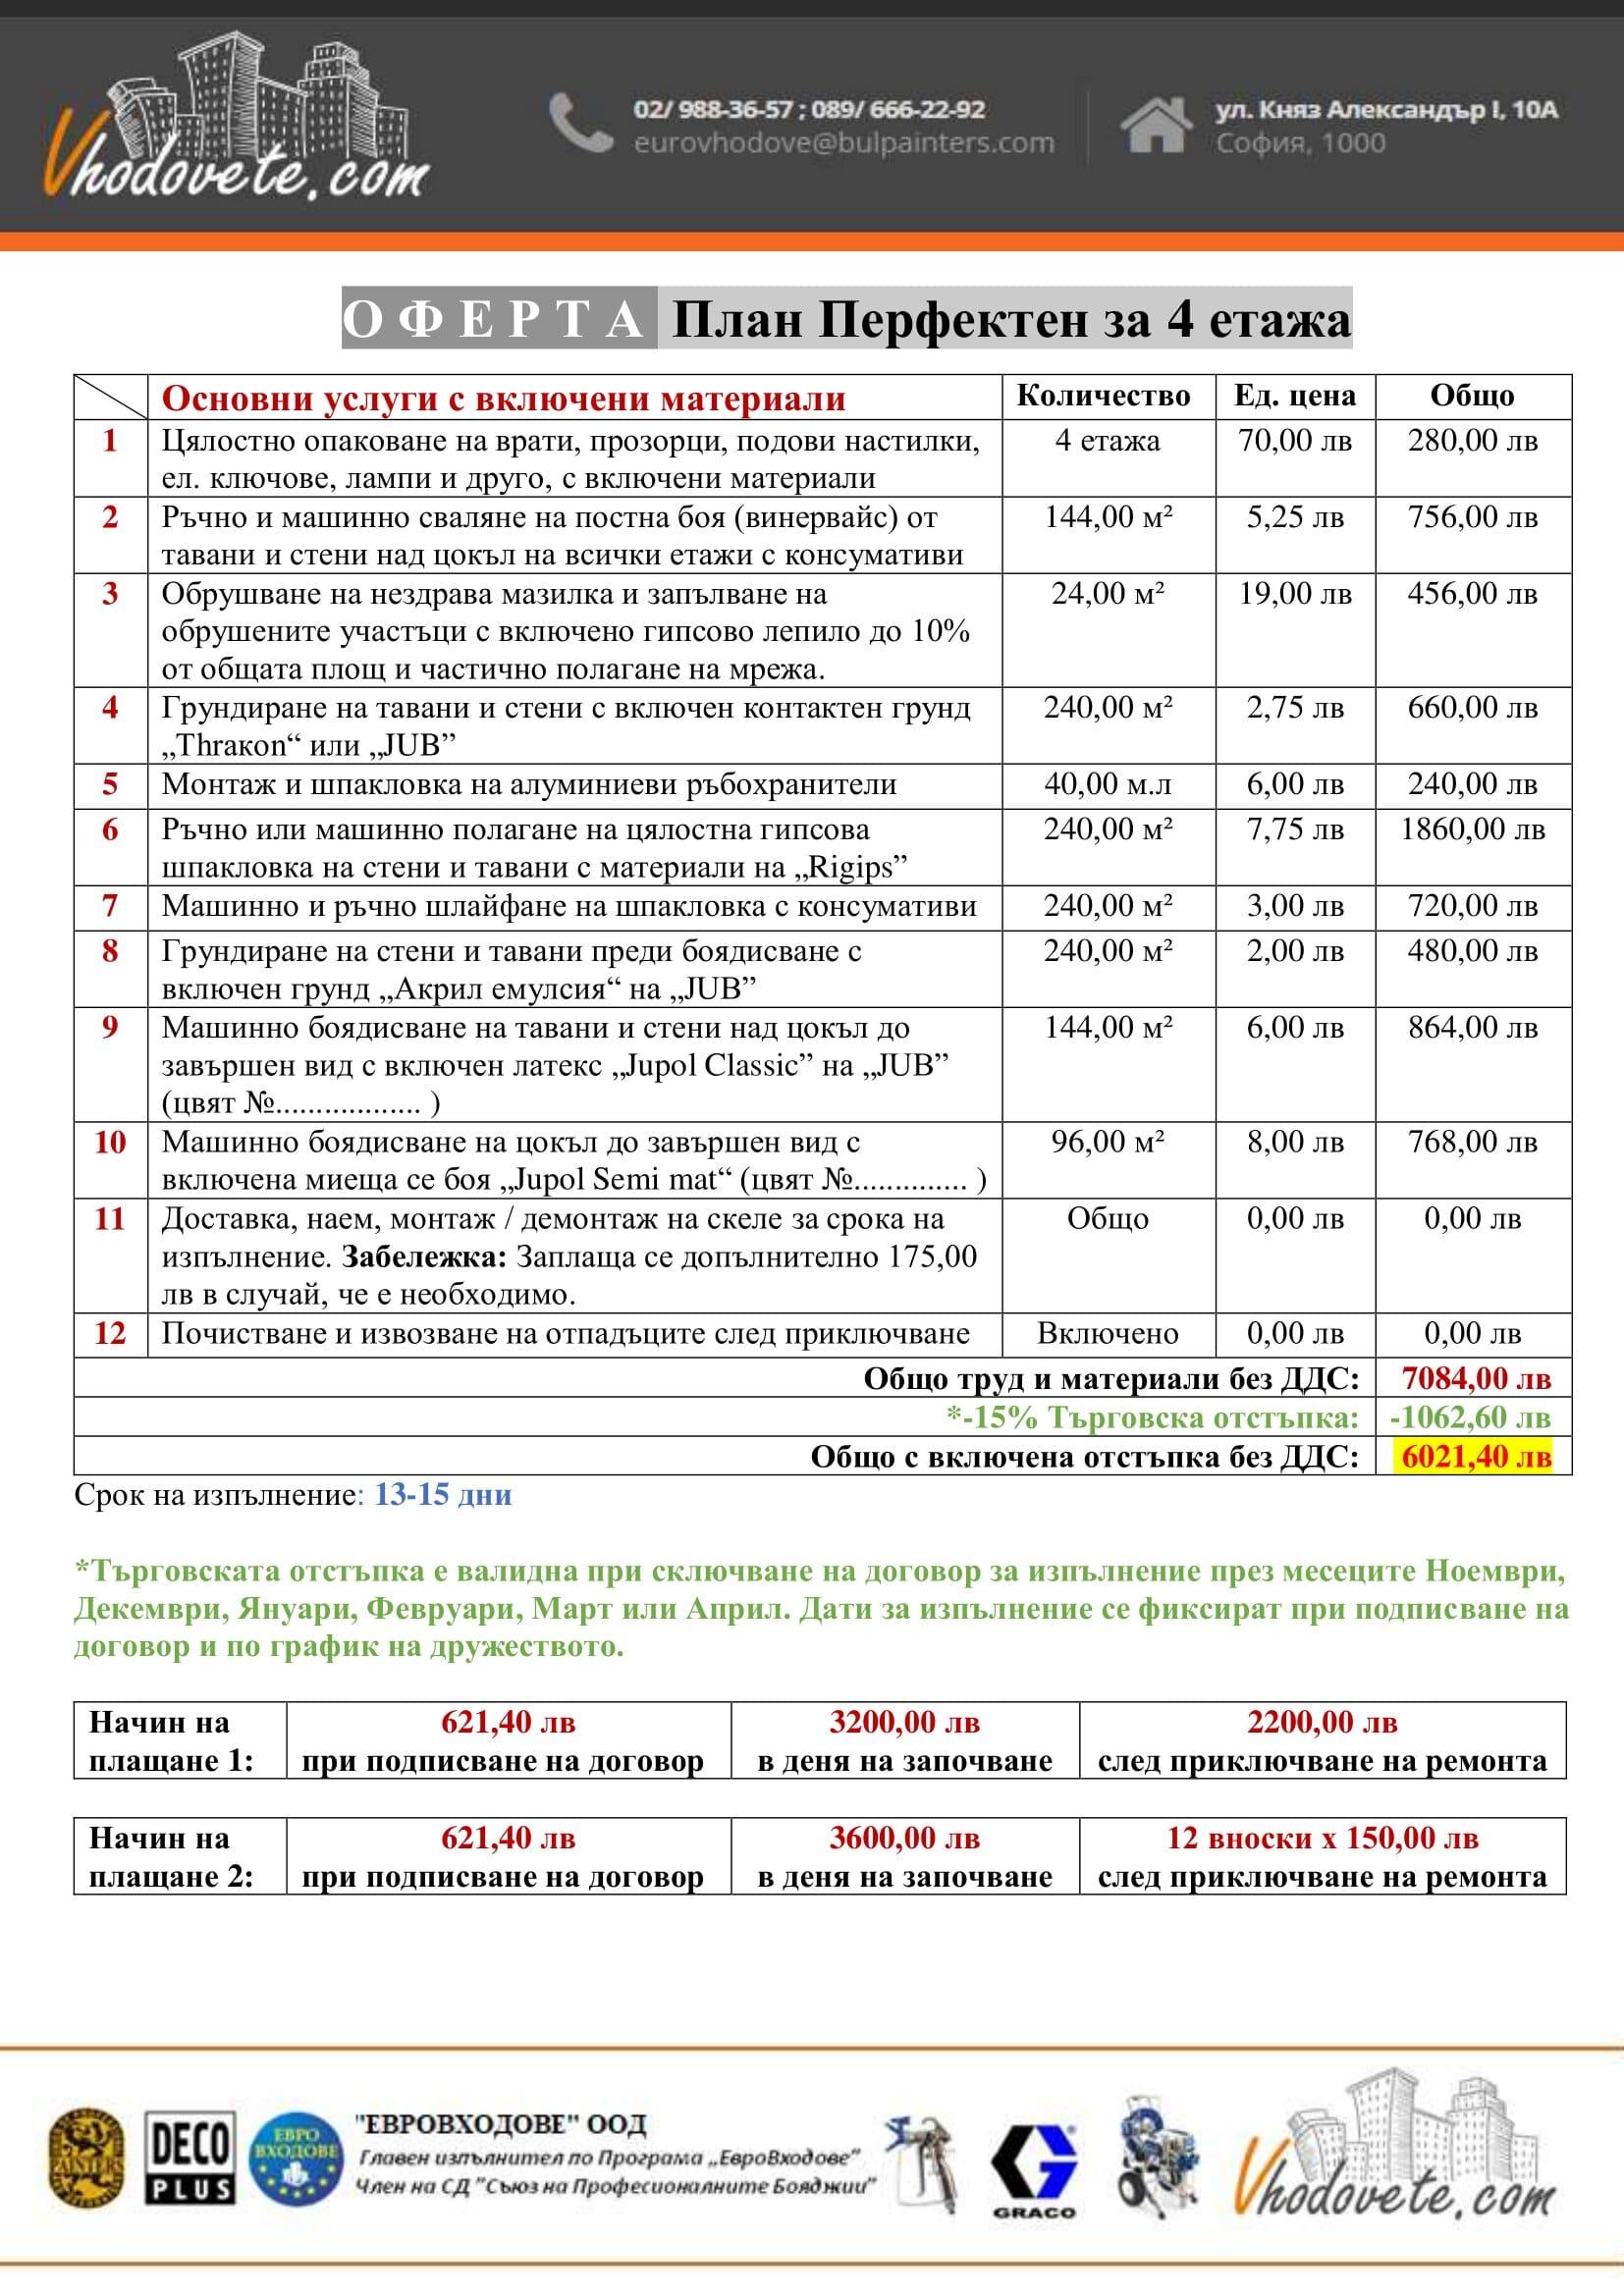 4-Oferta-za-4-et-Perfekten-01102020